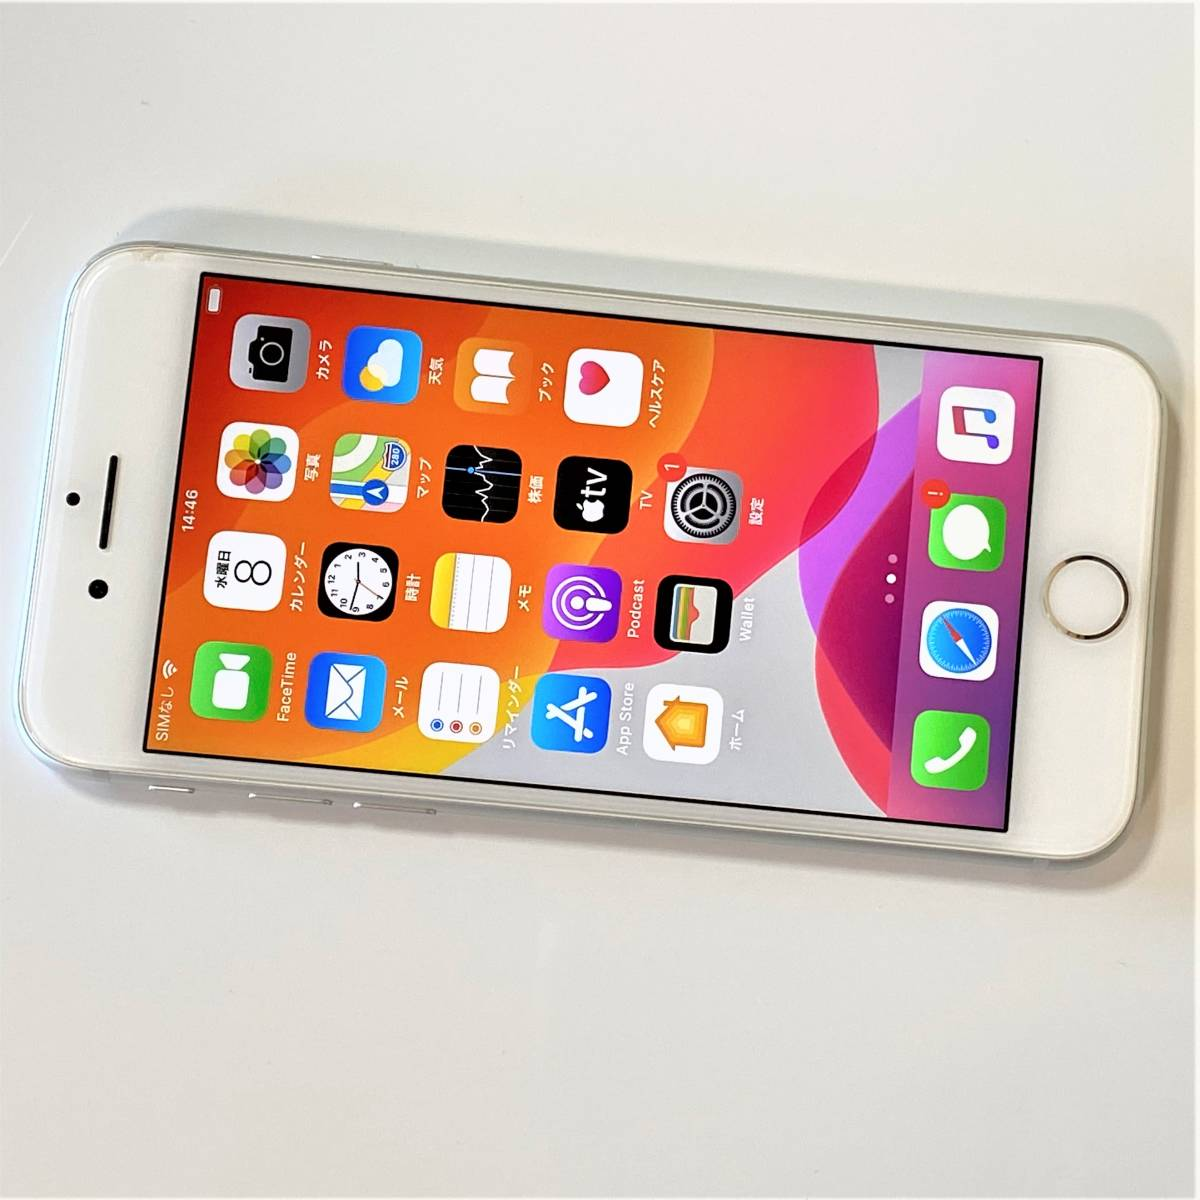 SIMフリー iPhone 8 シルバー 64GB MQ792J/A iOS13.4 docomo 格安SIM MVNO 海外利用可能 アクティベーションロック解除済